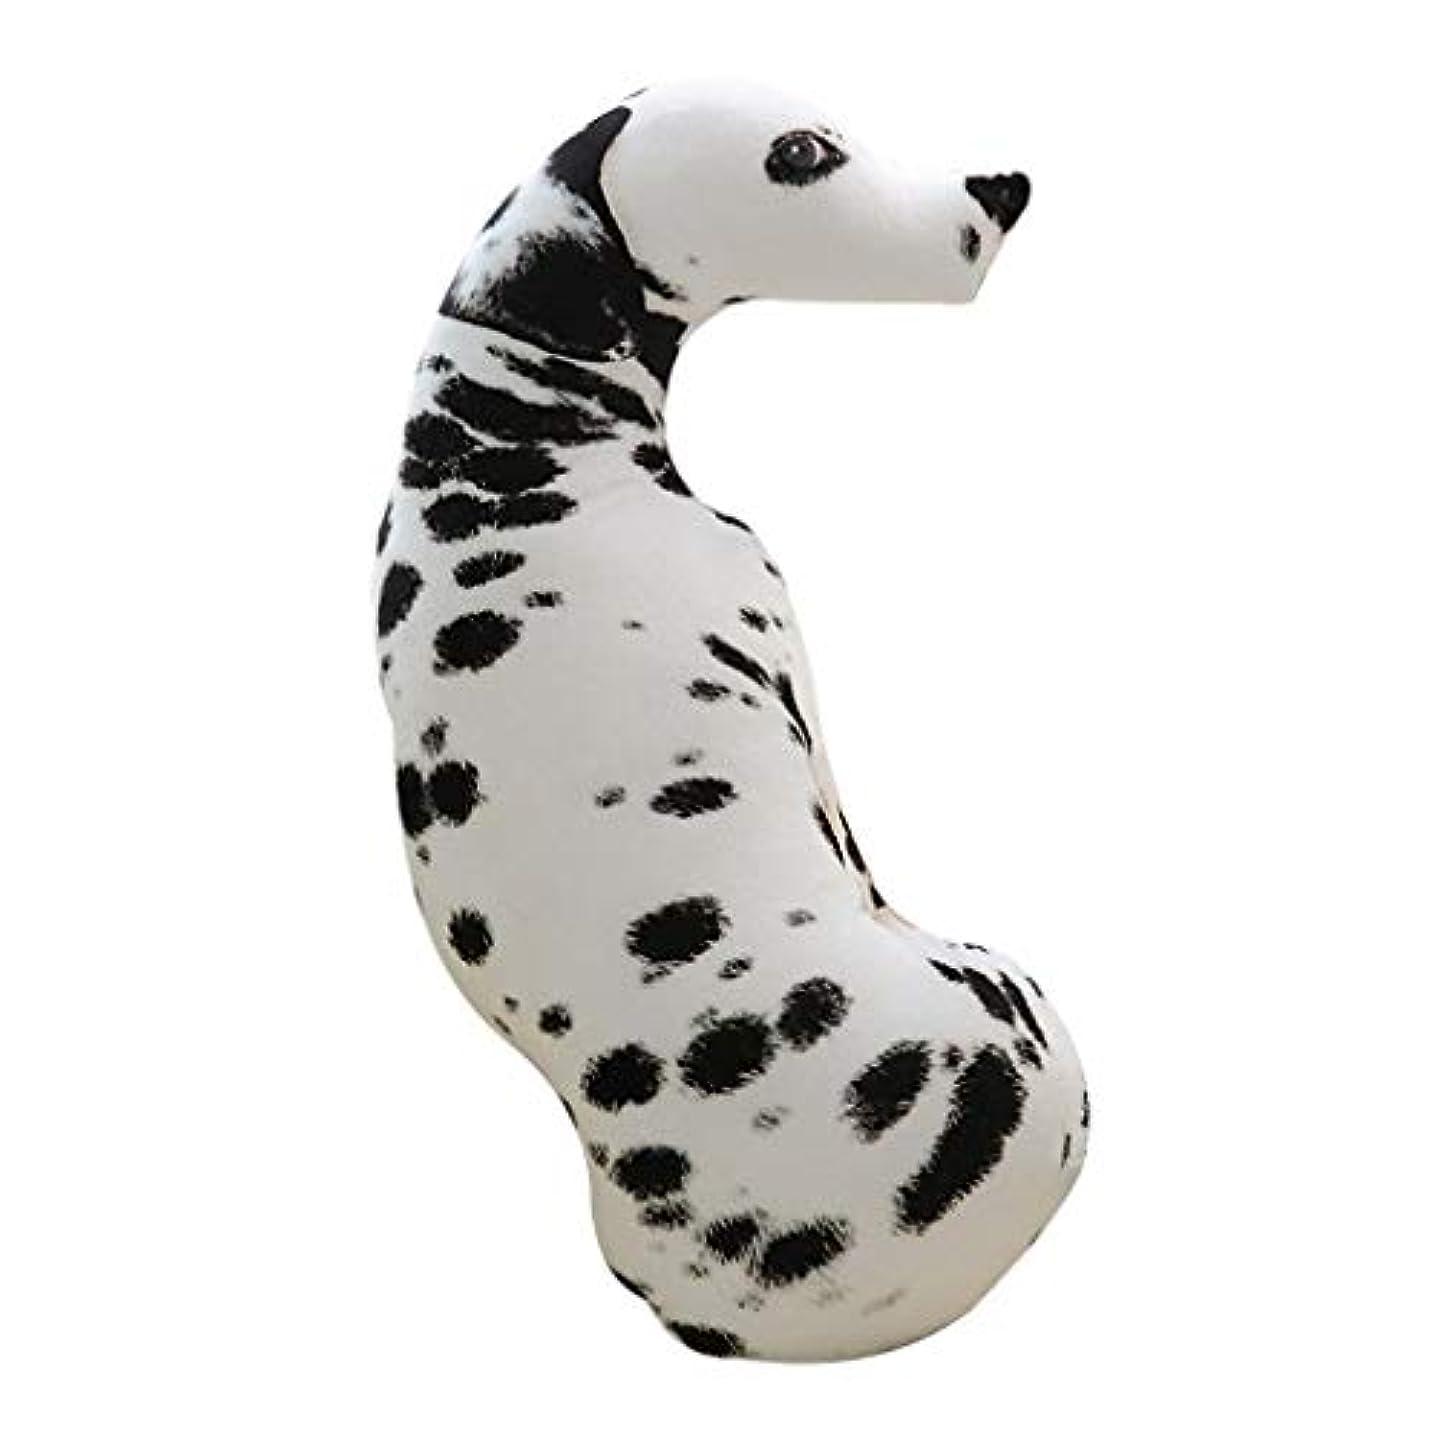 アンプ謙虚なラックLIFE 装飾クッションソファおかしい 3D 犬印刷スロー枕創造クッションかわいいぬいぐるみギフト家の装飾 coussin decoratif クッション 椅子